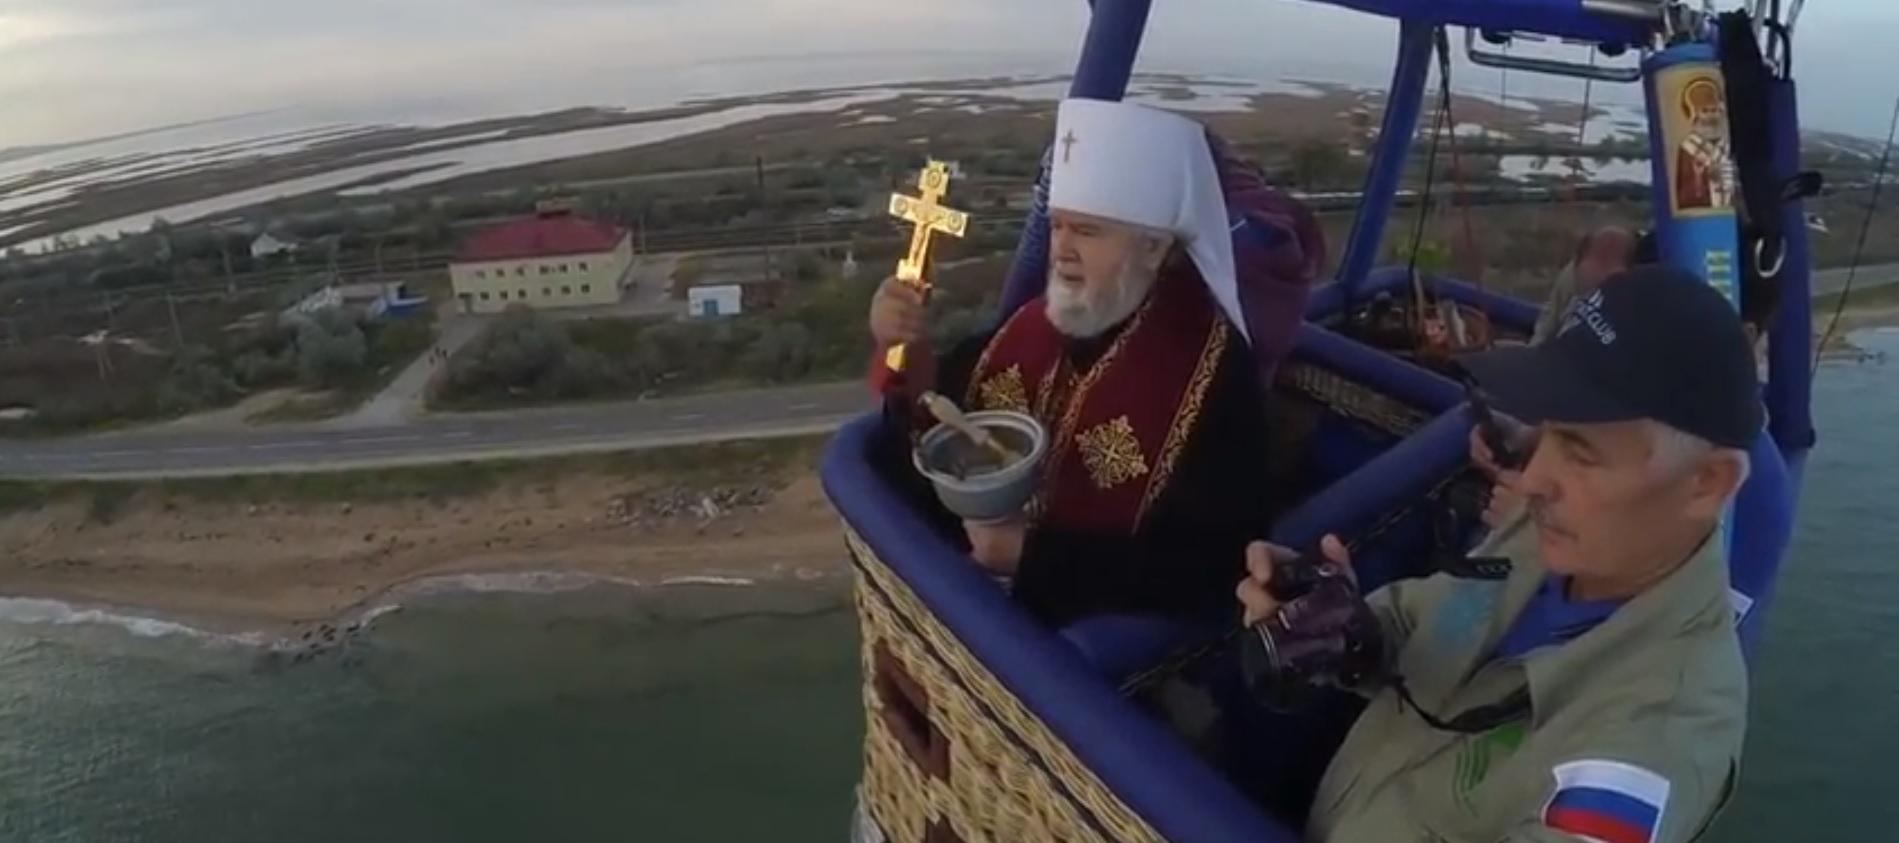 перелетели через Керченский пролив на аэростате